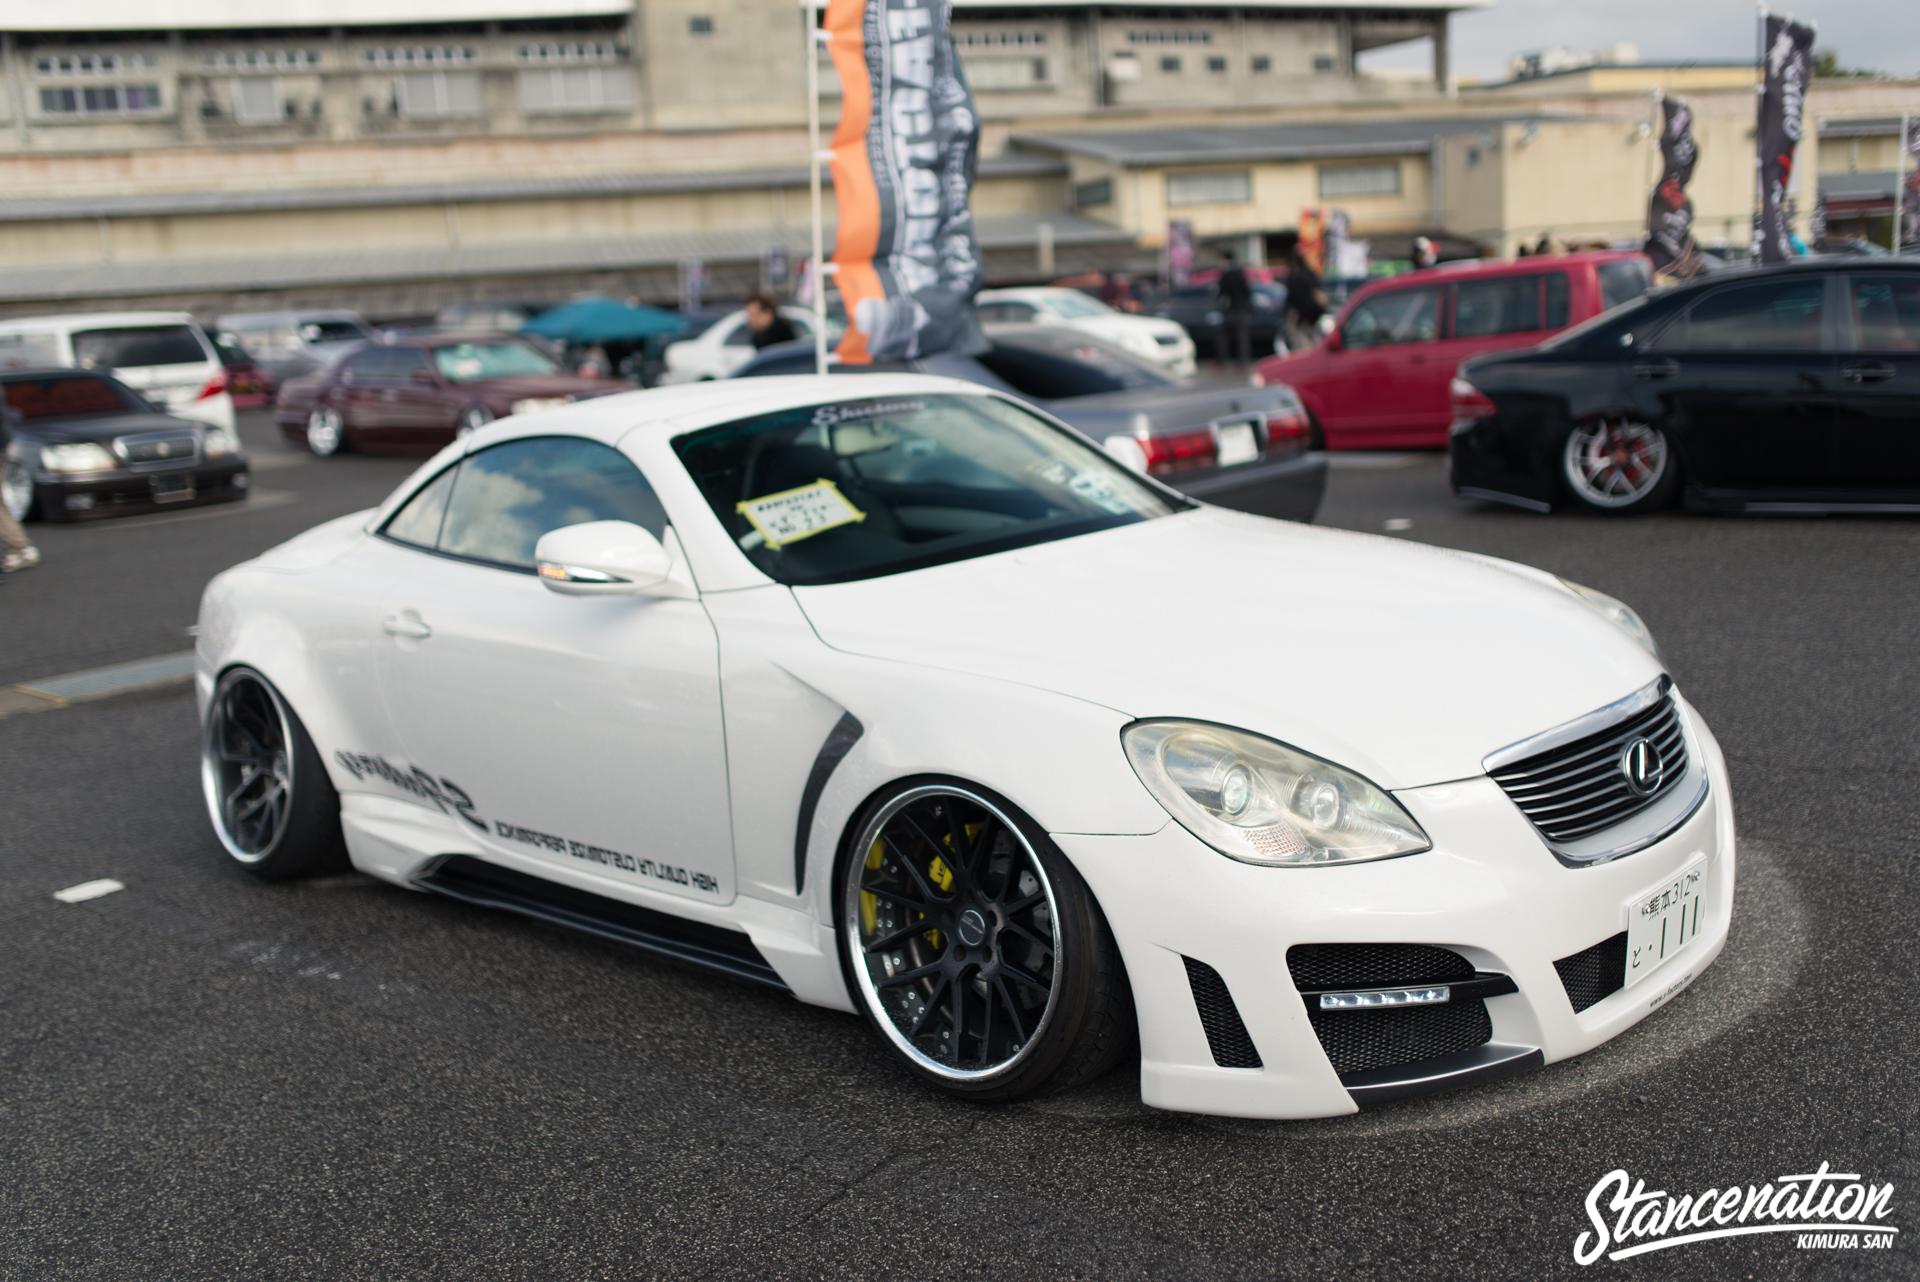 839Festa-Car-Show-Japan-78.jpg